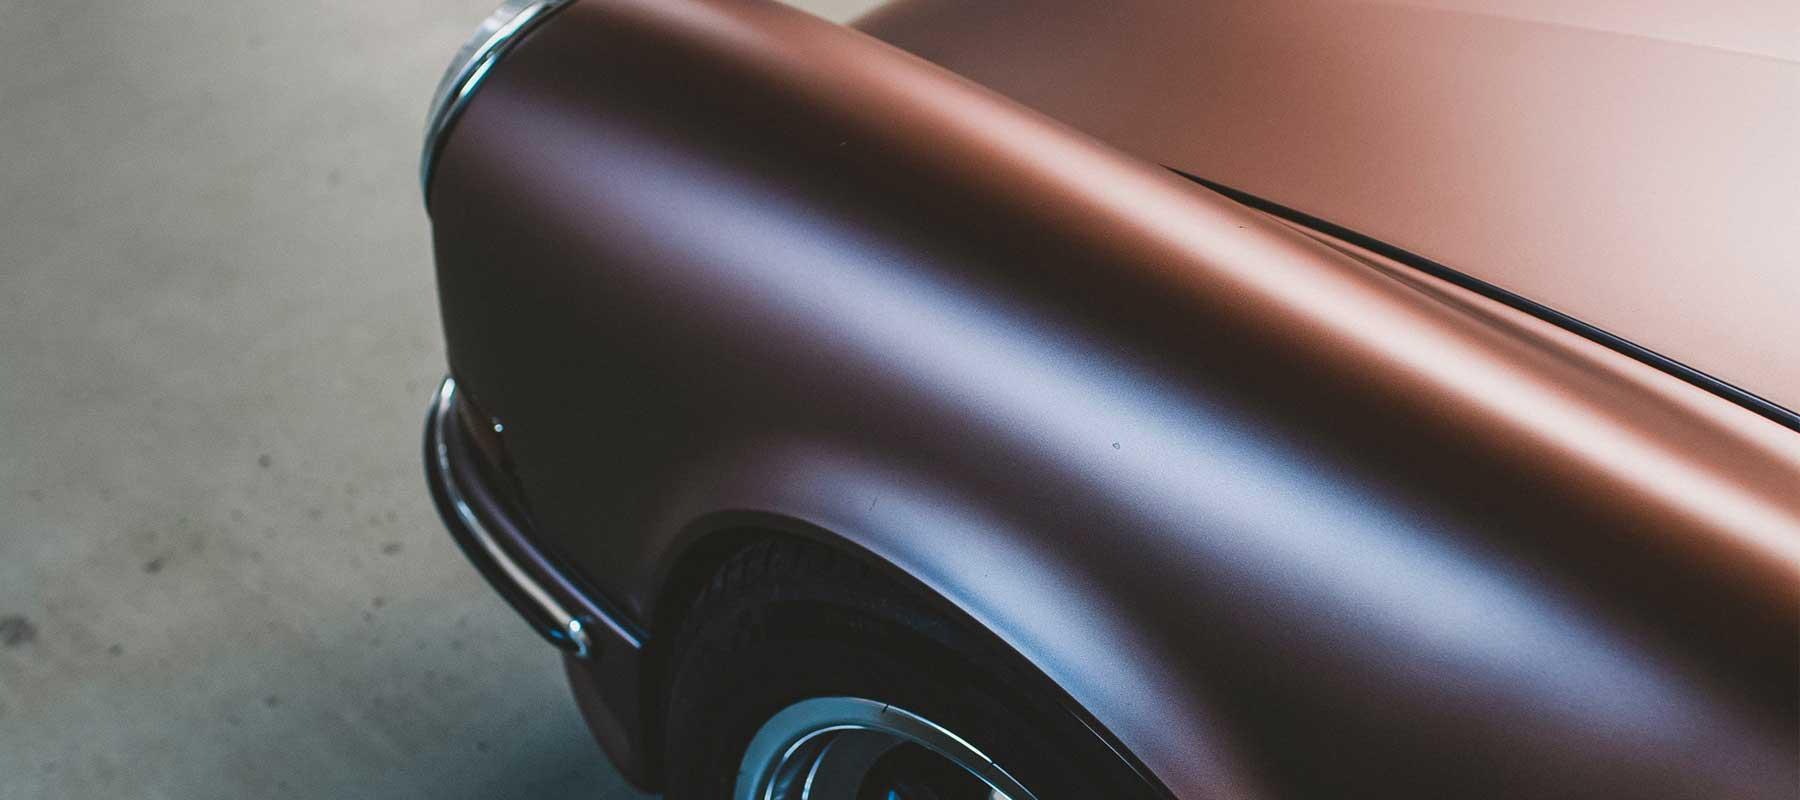 błotnik porsche carrera oklejony folią matową cześć zmiany koloru auta